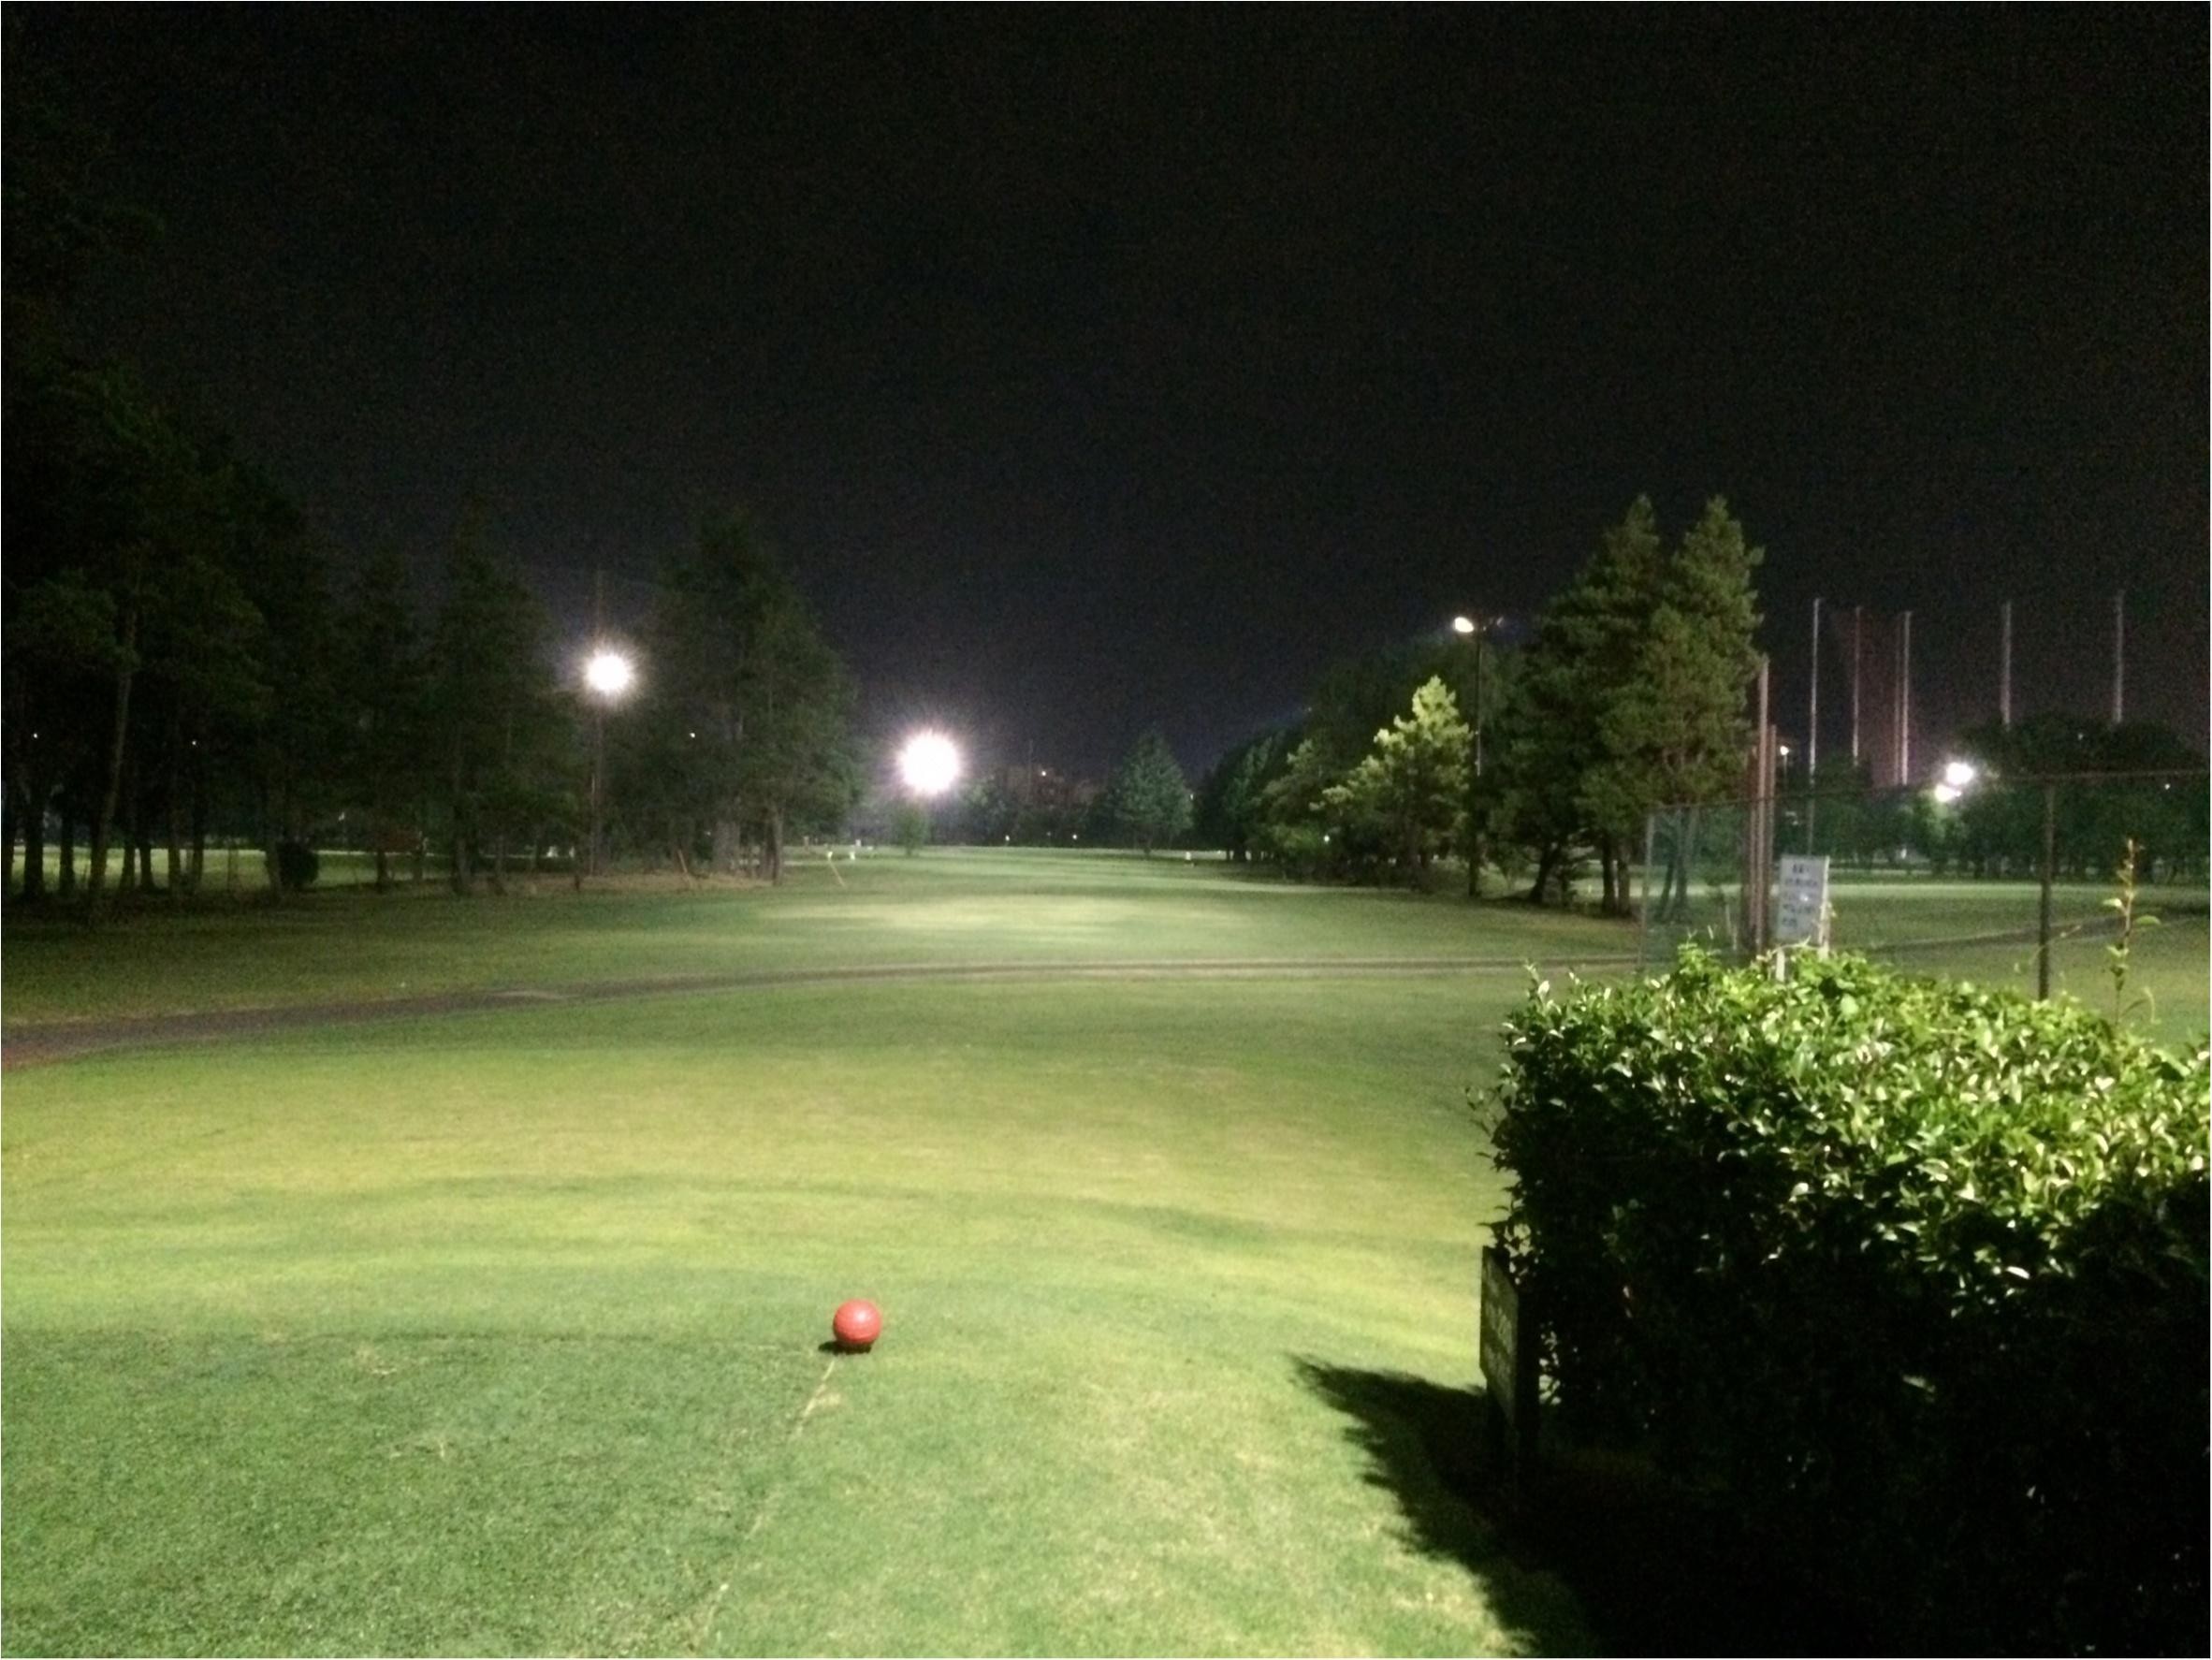 夏の夜にもビギナーにもピッタリ★ 涼しく回れるナイターゴルフをご紹介!【#モアチャレ ゴルフチャレンジ】_2_2